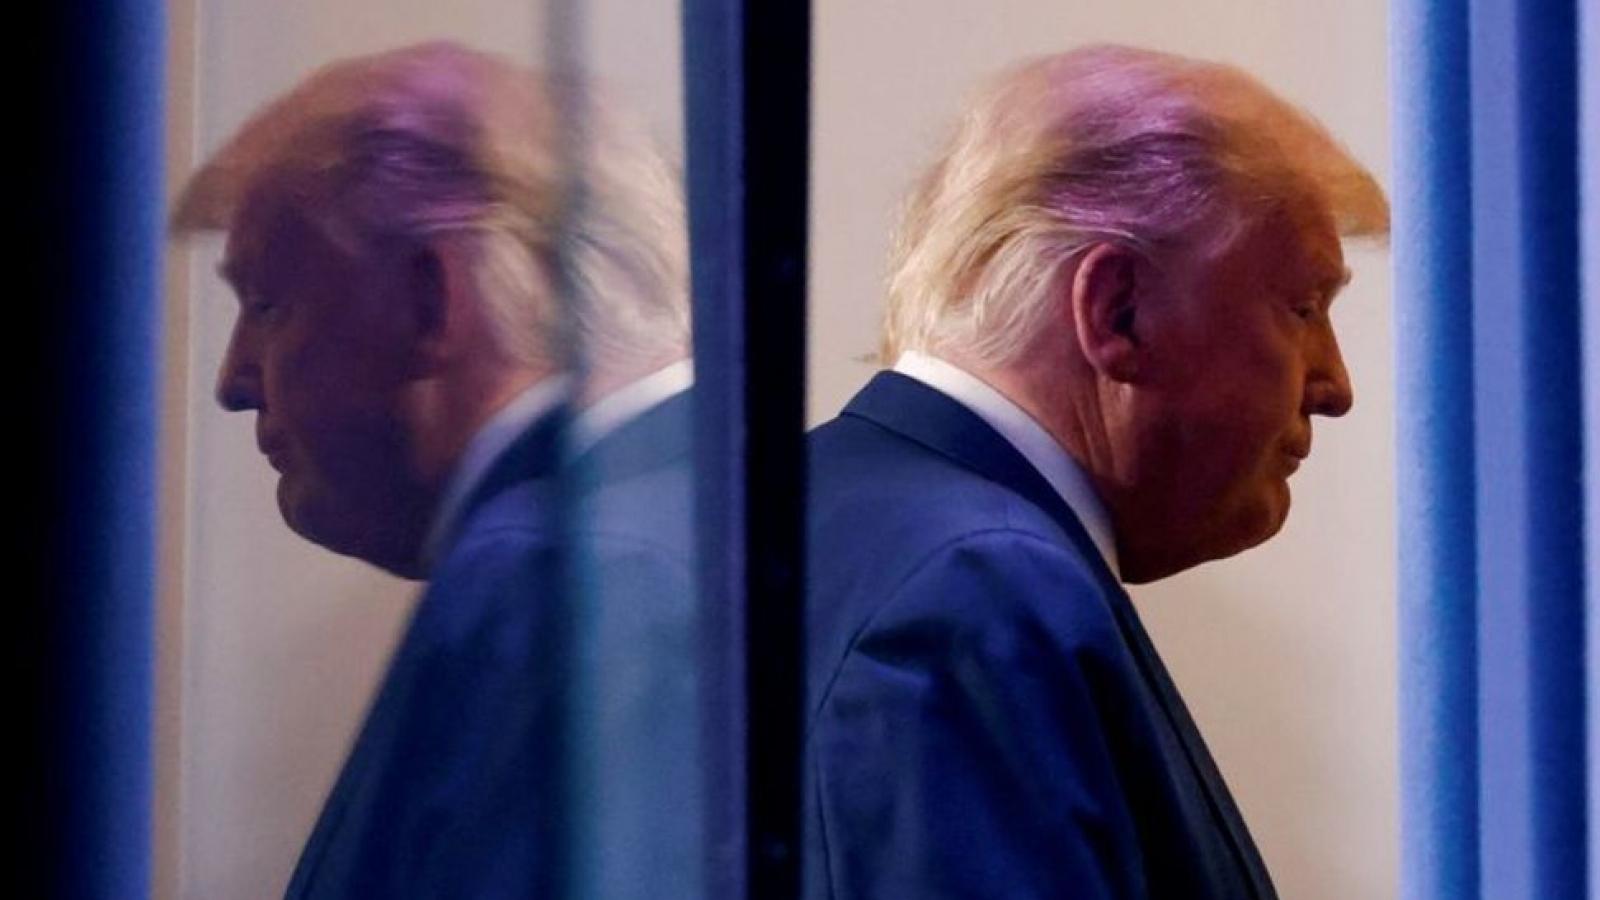 Liệu Tổng thống Trump có tự ân xá cho chính mình?